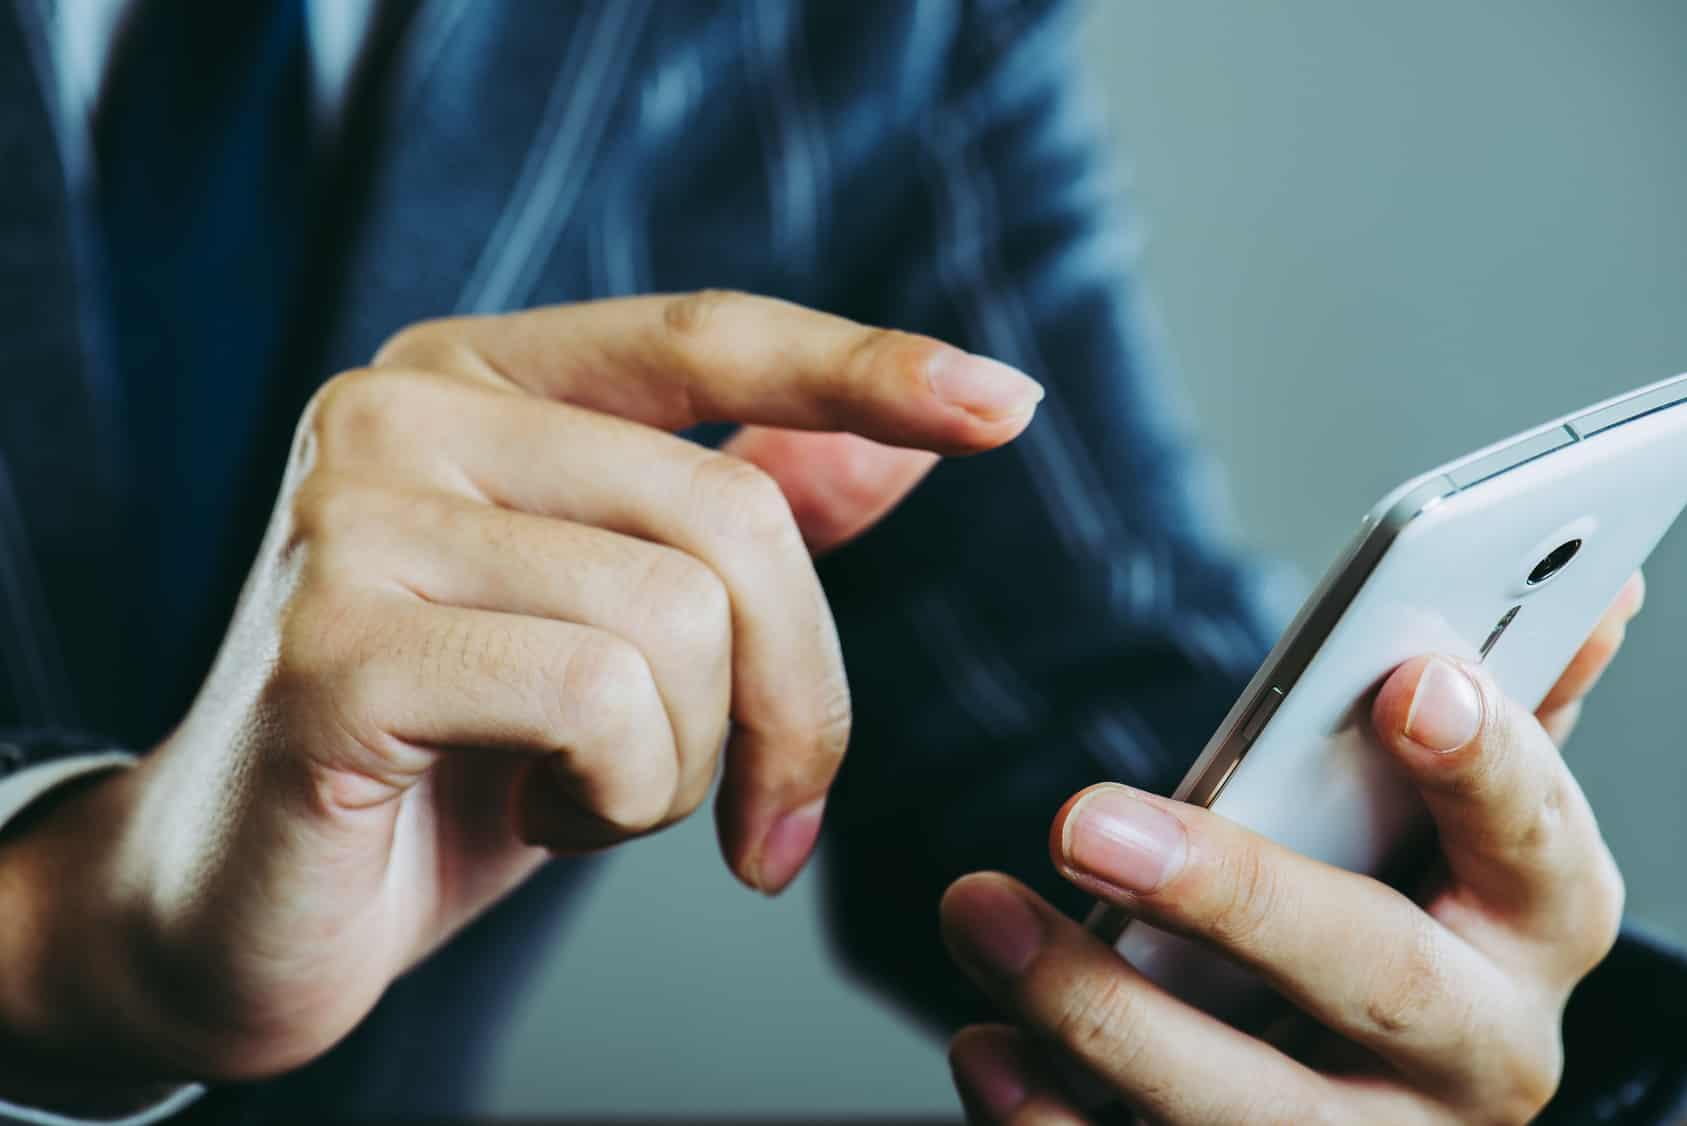 Desde el 2008, se regularizó el procedimiento de la obligación de realizar la Portabilidad Numérica para los operadores de telecomunicaciones en México